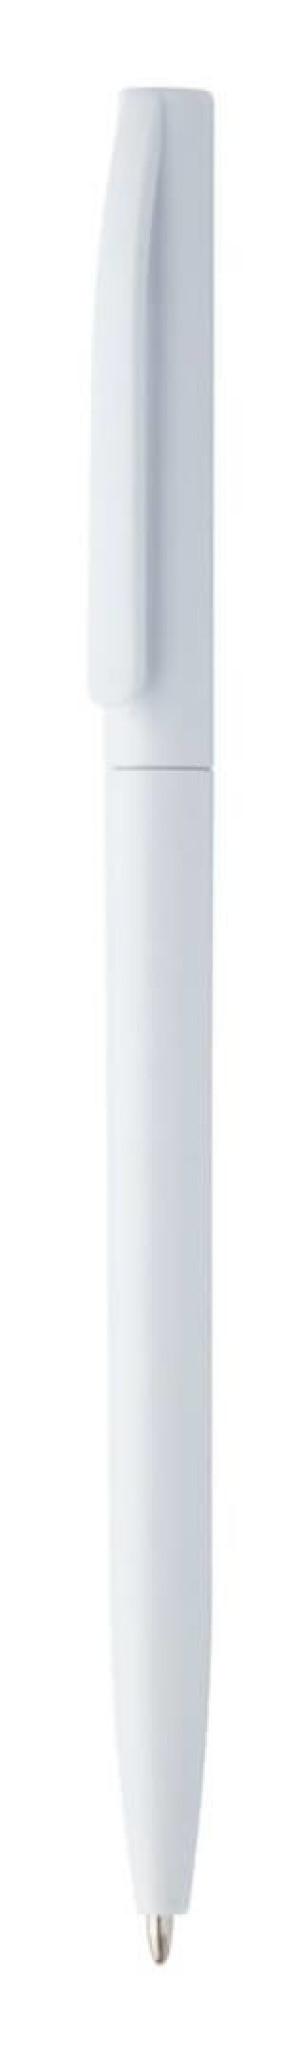 Swifty pen